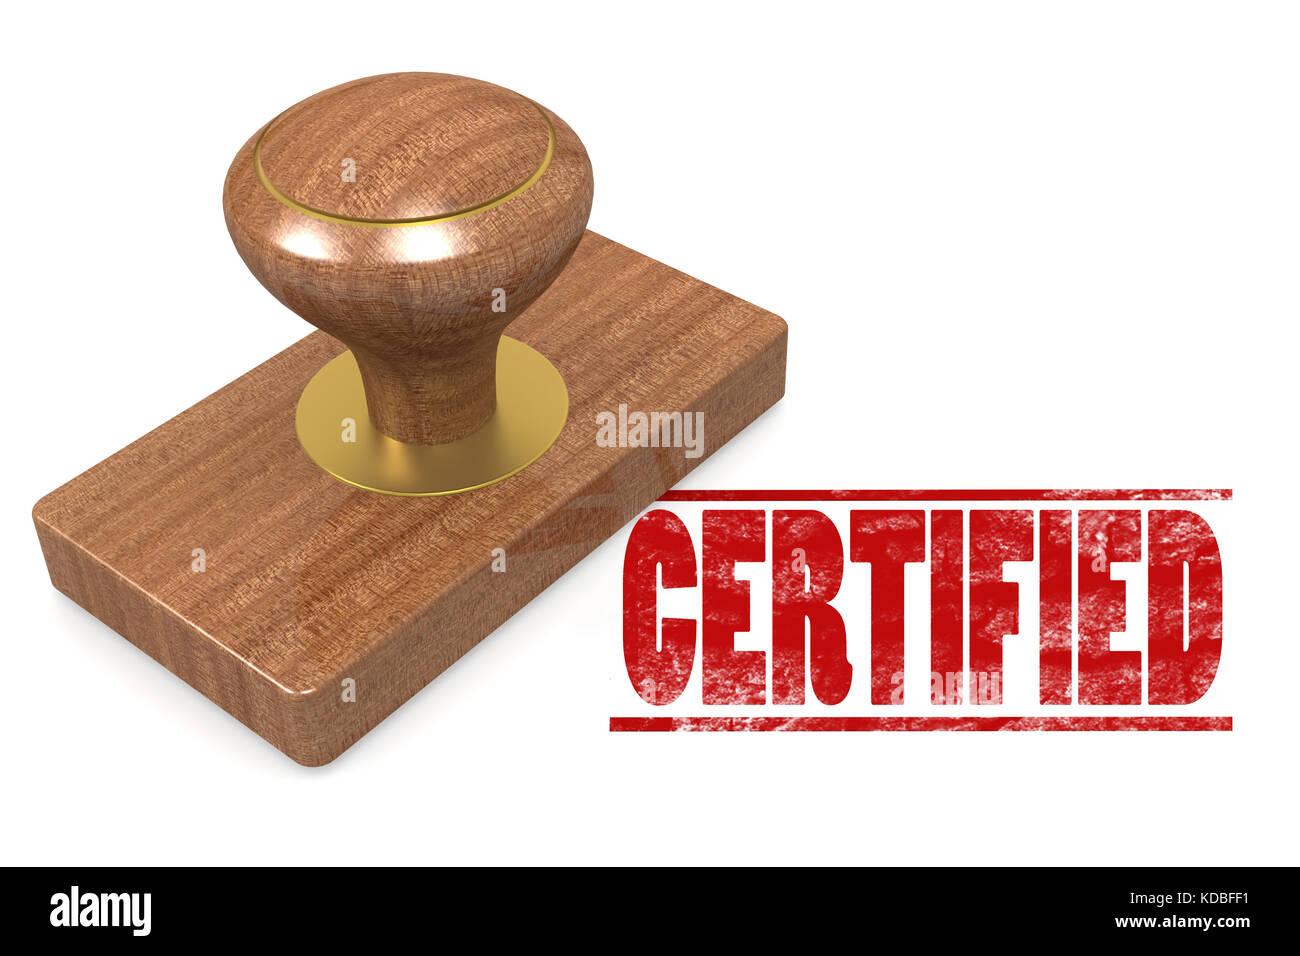 Red certificata tenuta boschiva immagine timbro con hi-res resa grafica che può essere utilizzata per qualsiasi Immagini Stock